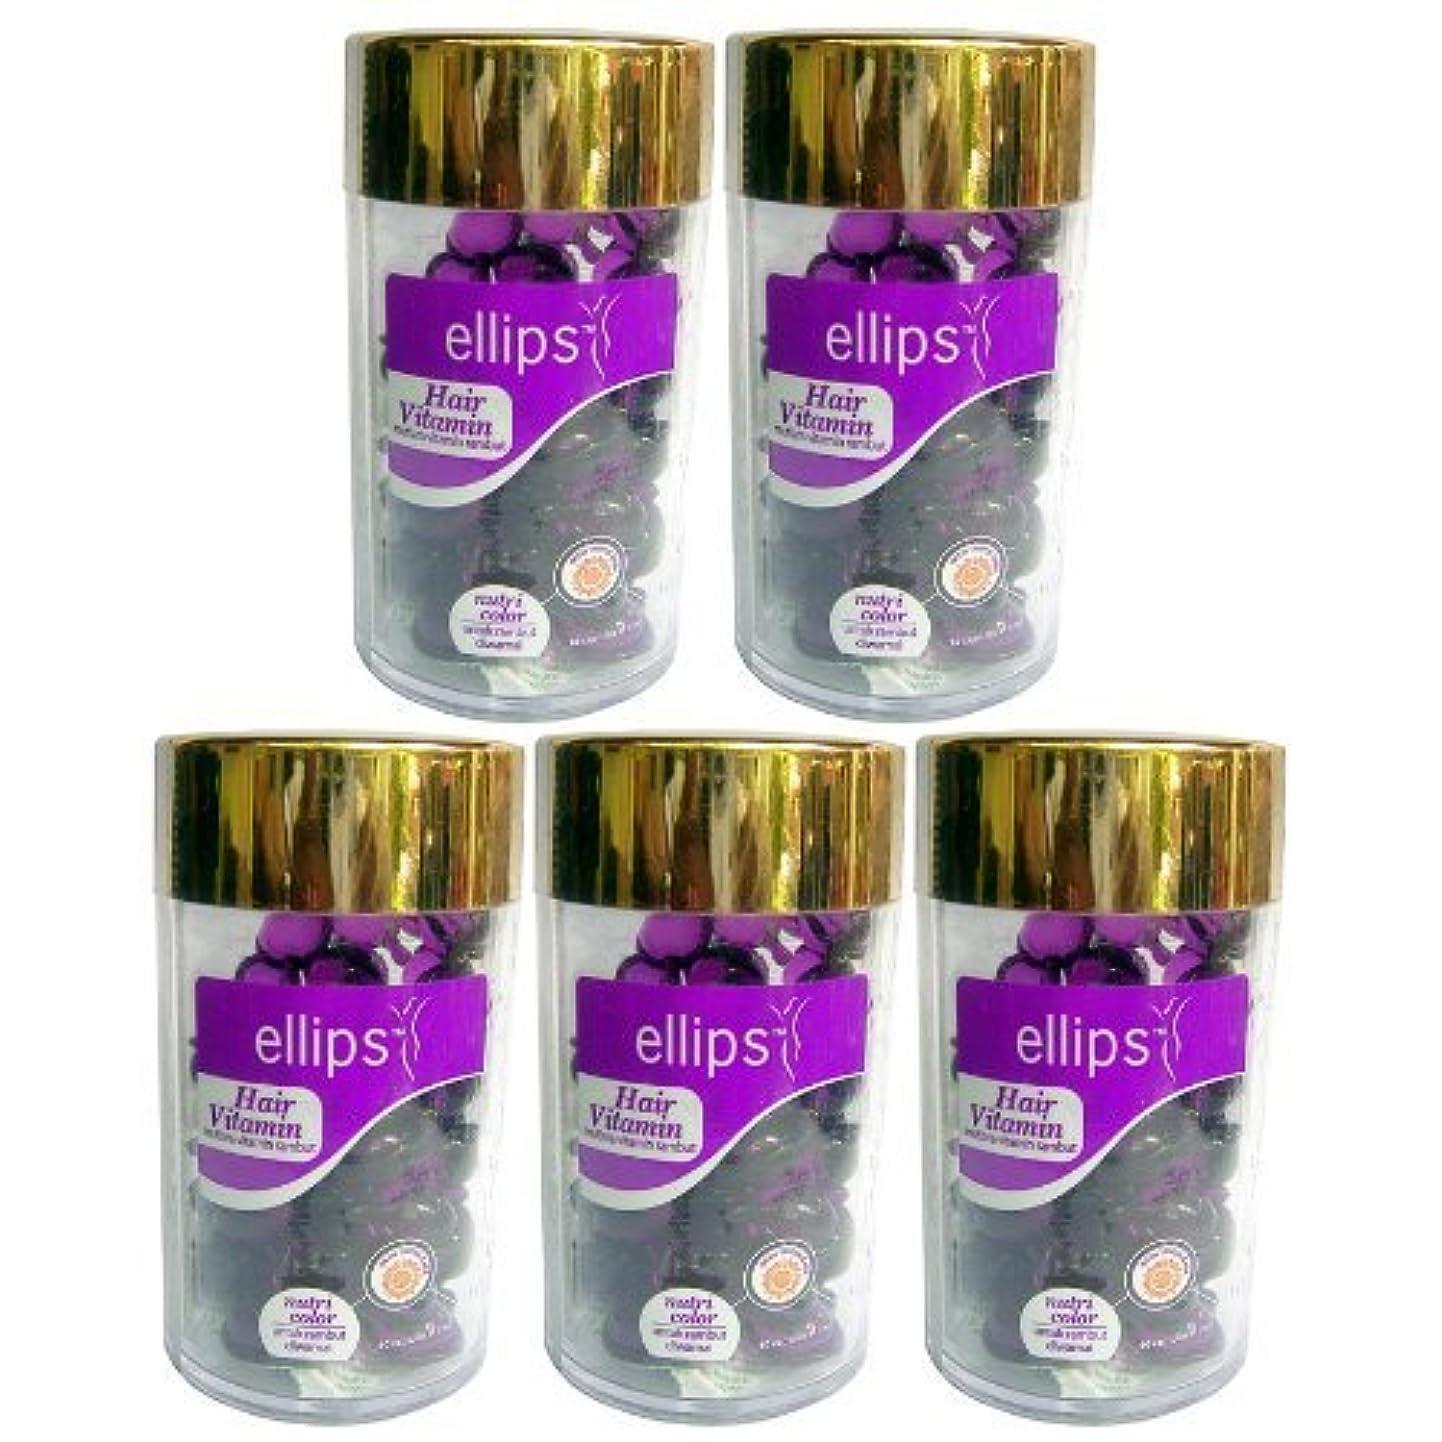 ぬいぐるみ消費恥エリップスellipsヘアビタミン洗い流さないヘアトリートメント50粒入ボトル5本組(海外直送品)(並行輸入品) (紫5本)